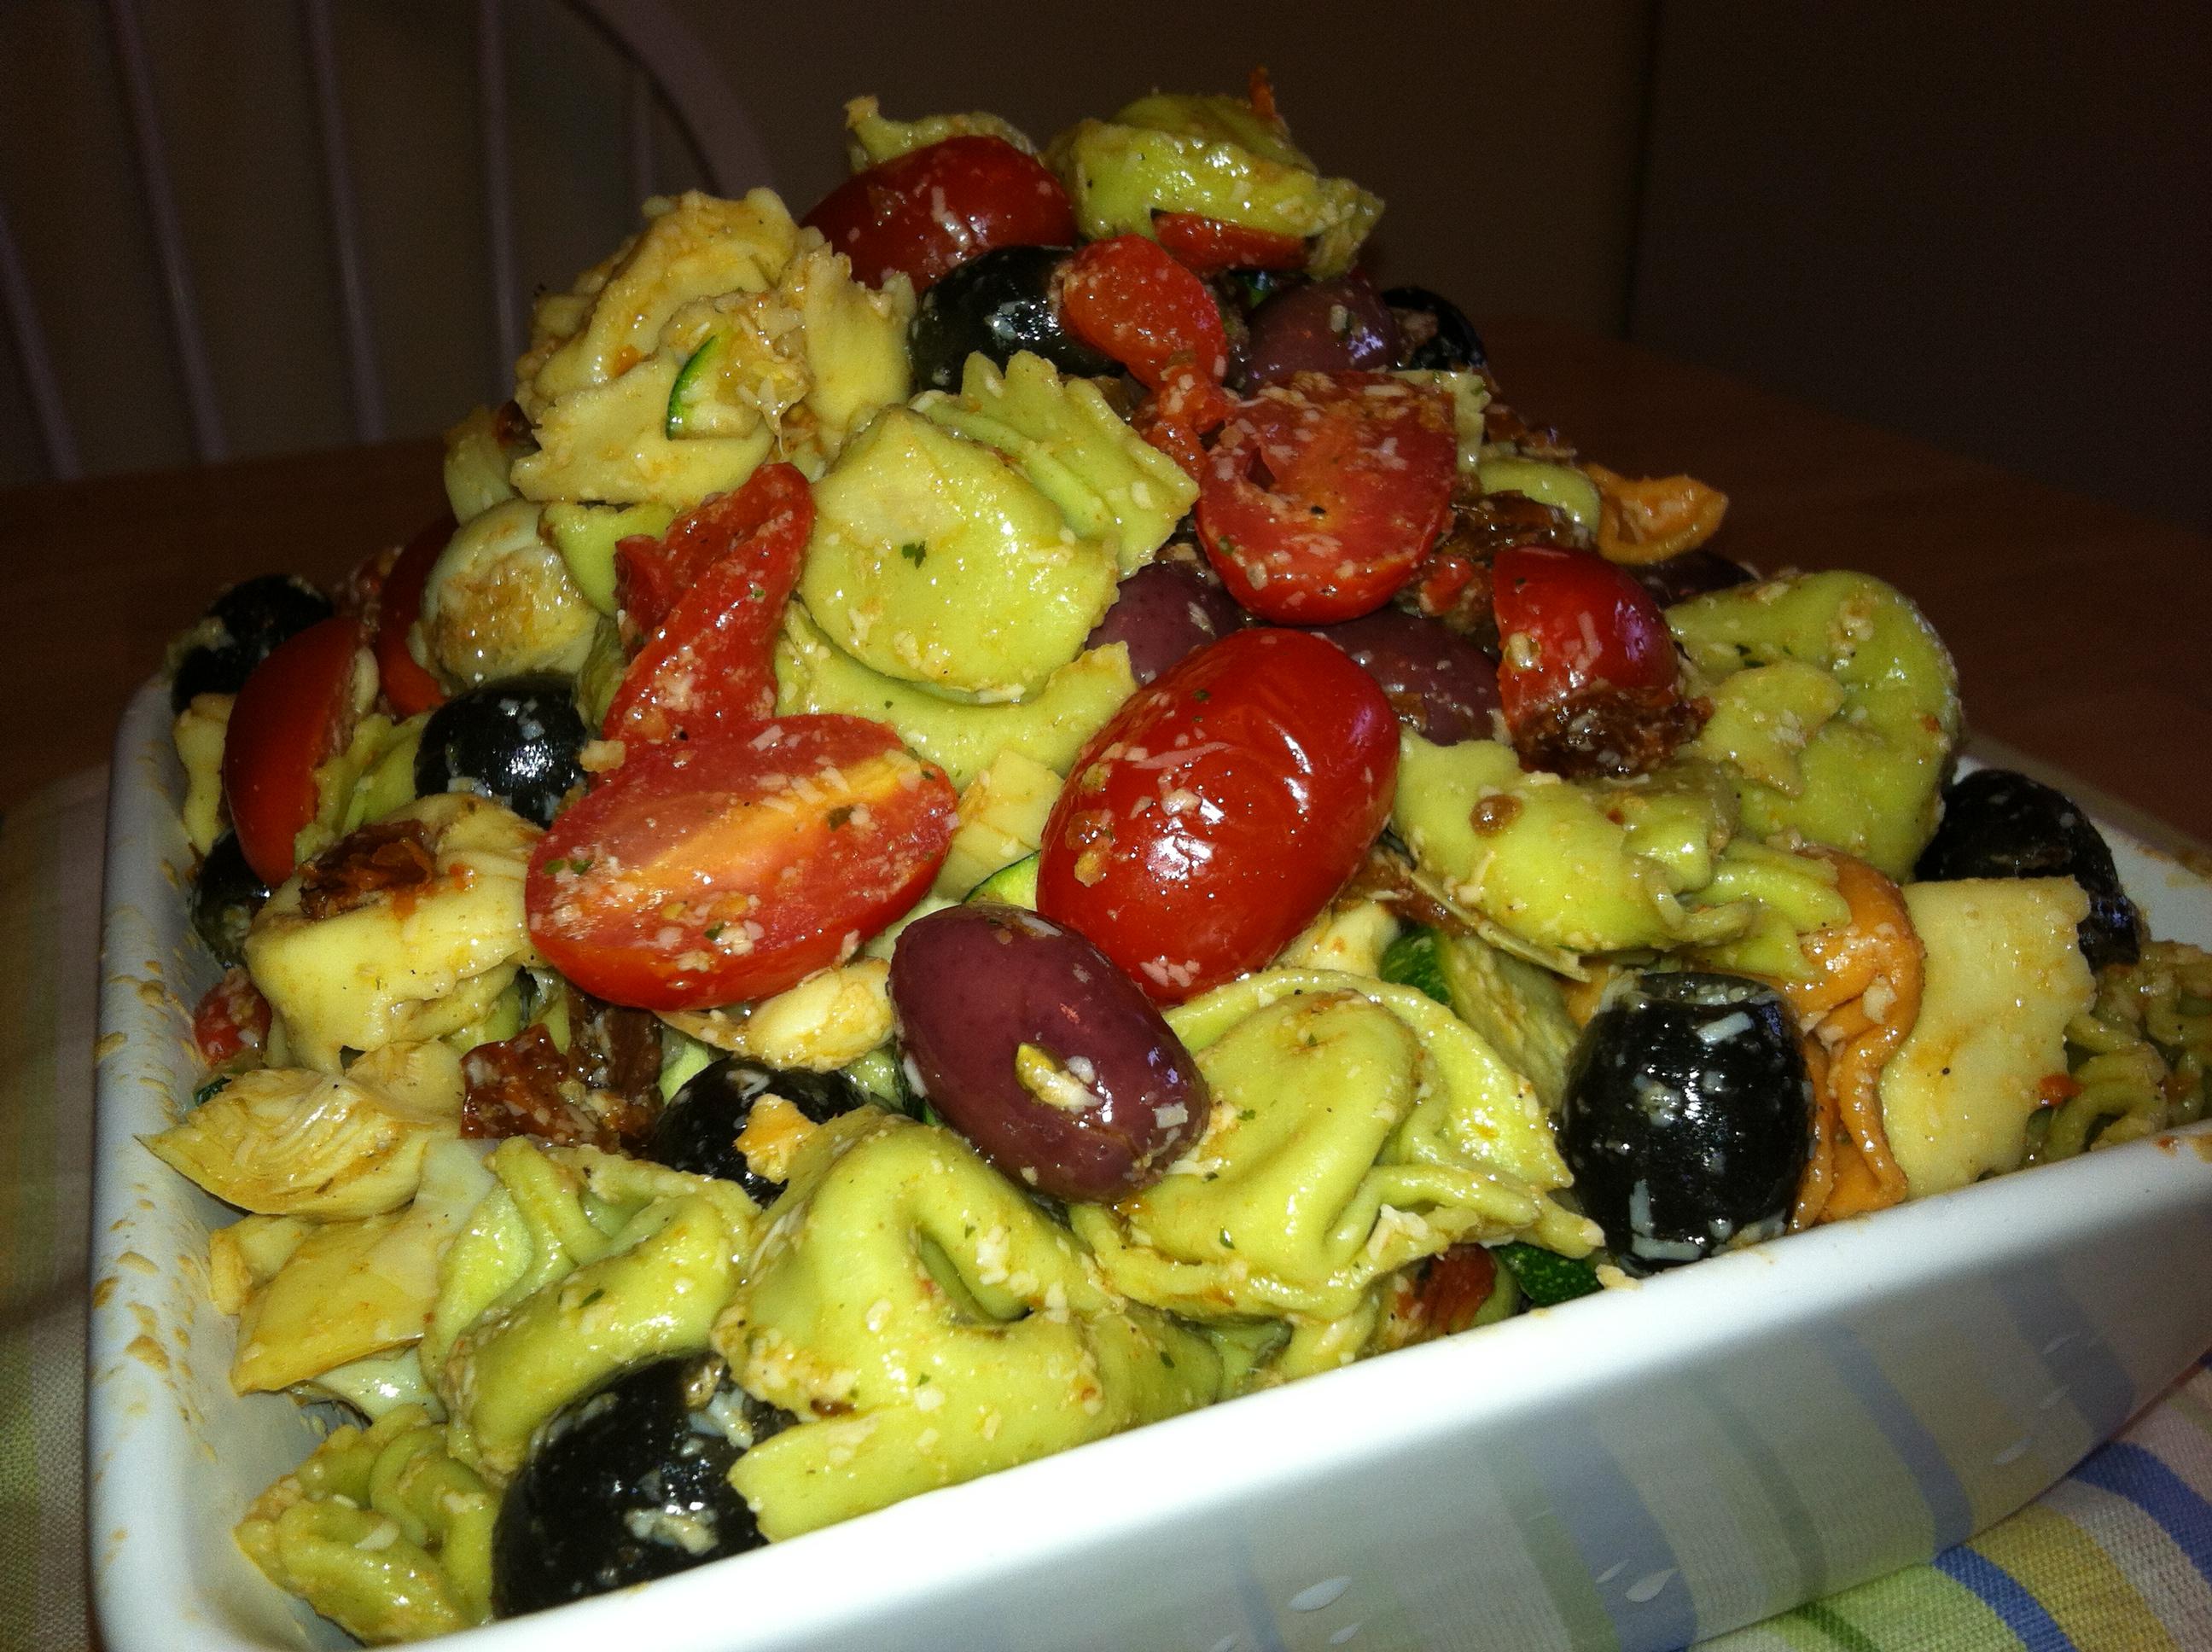 Recipes Course Salad Pasta Salads Tortellini Pasta Salad